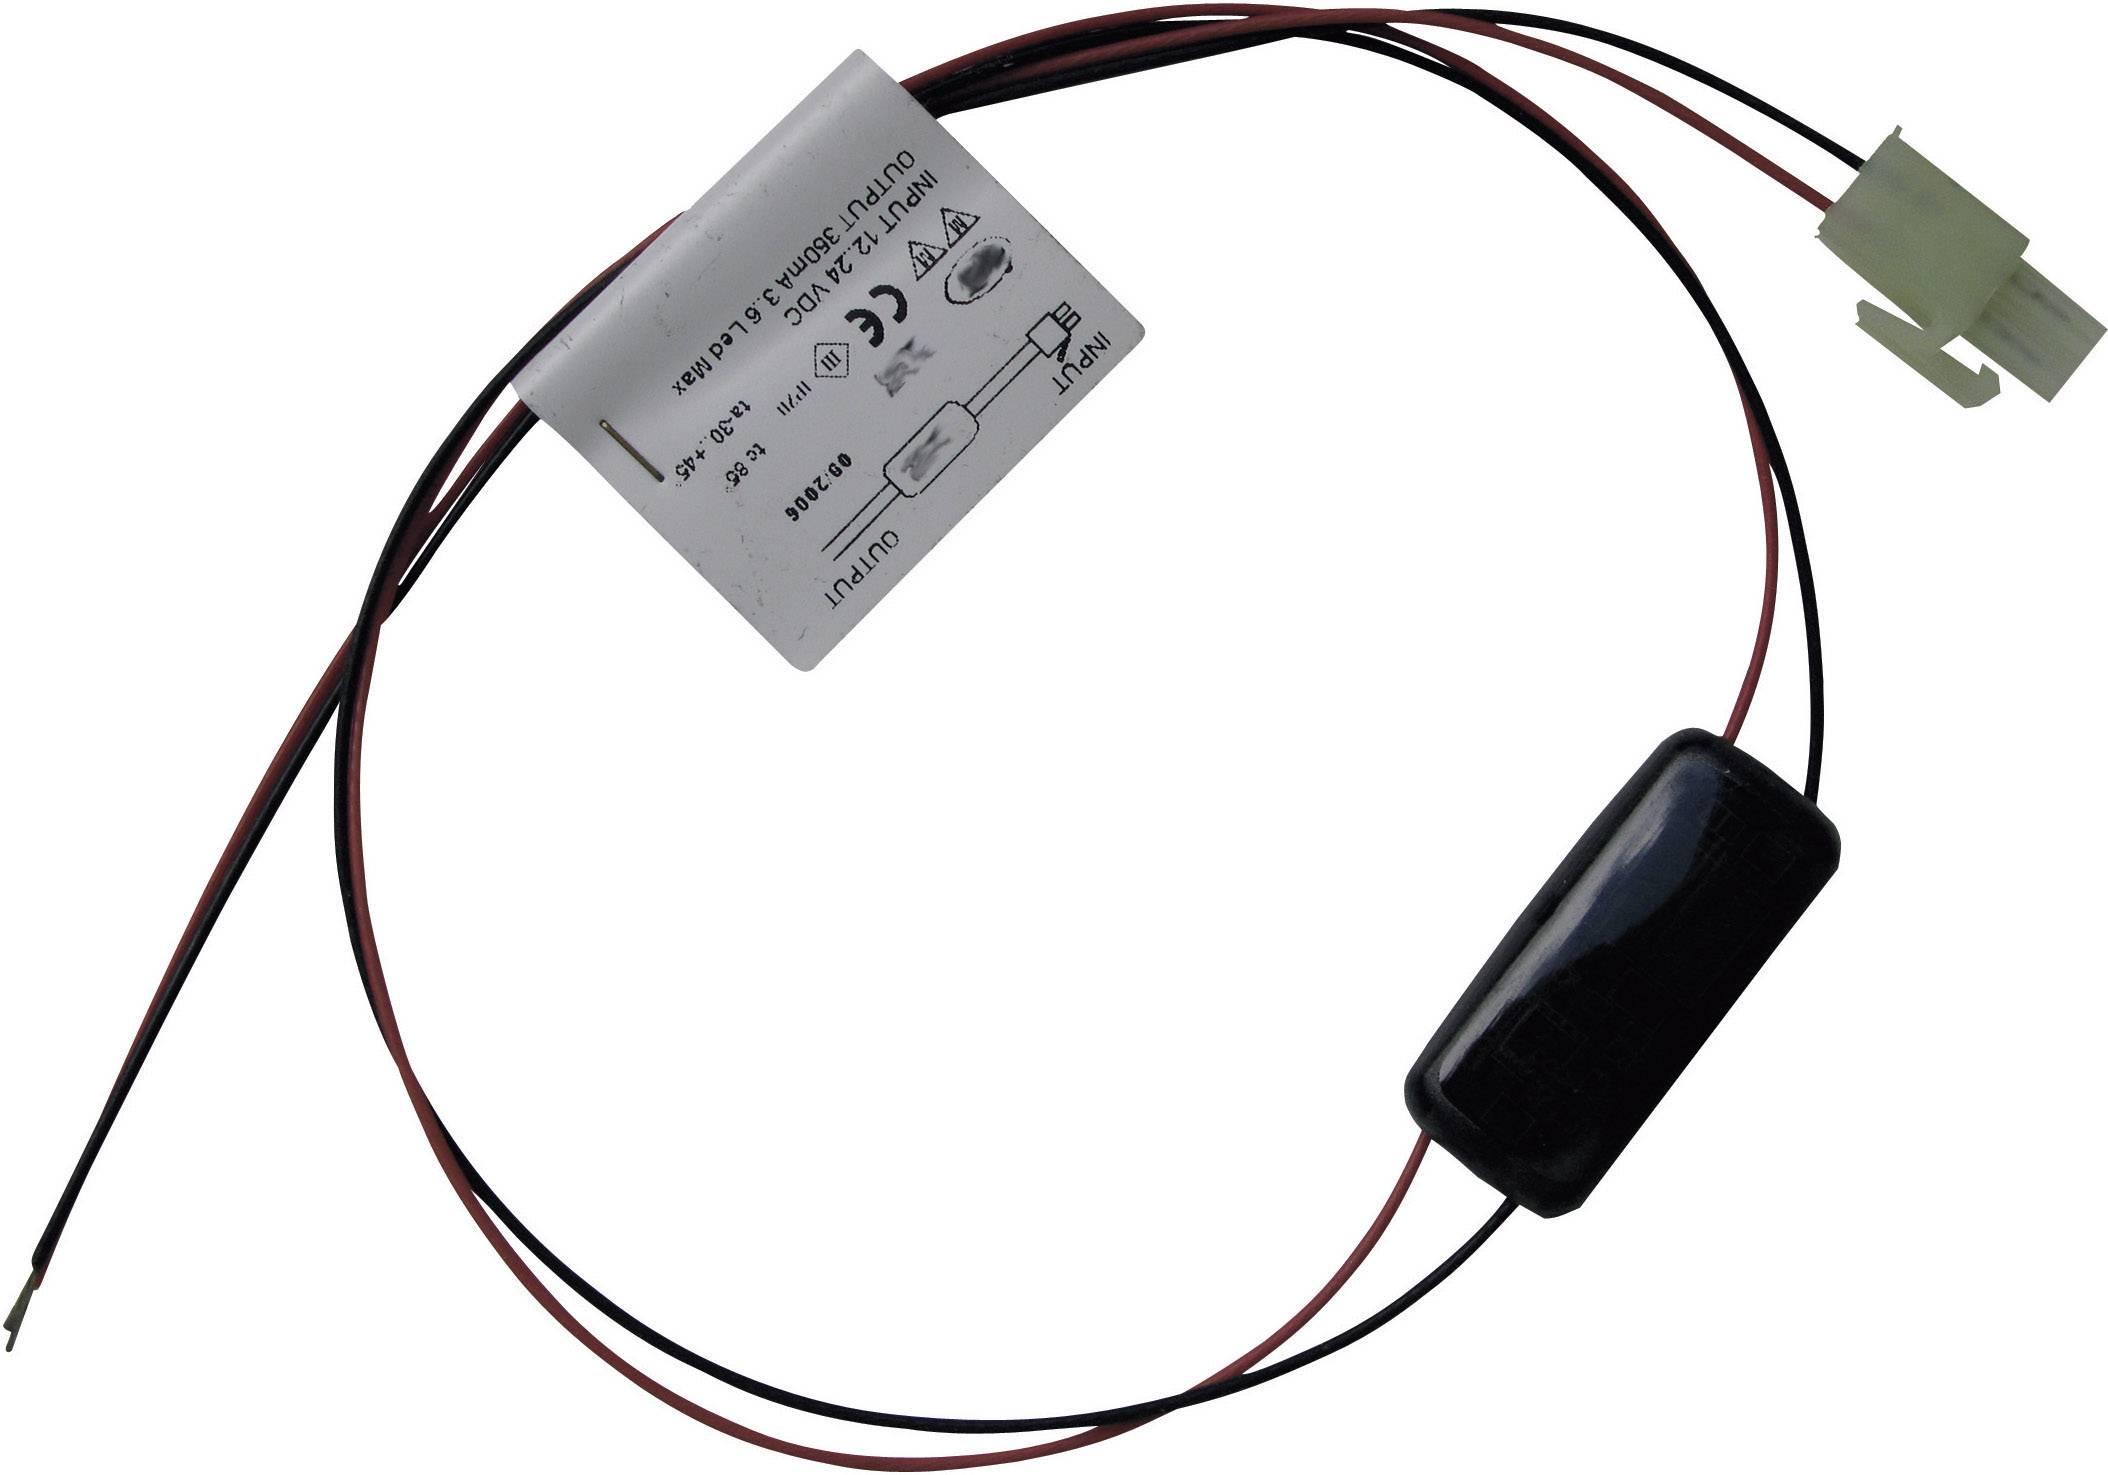 Power LED konvertor pro stejnosměrné napětí, 350 mA, 10 - 24 V/DC